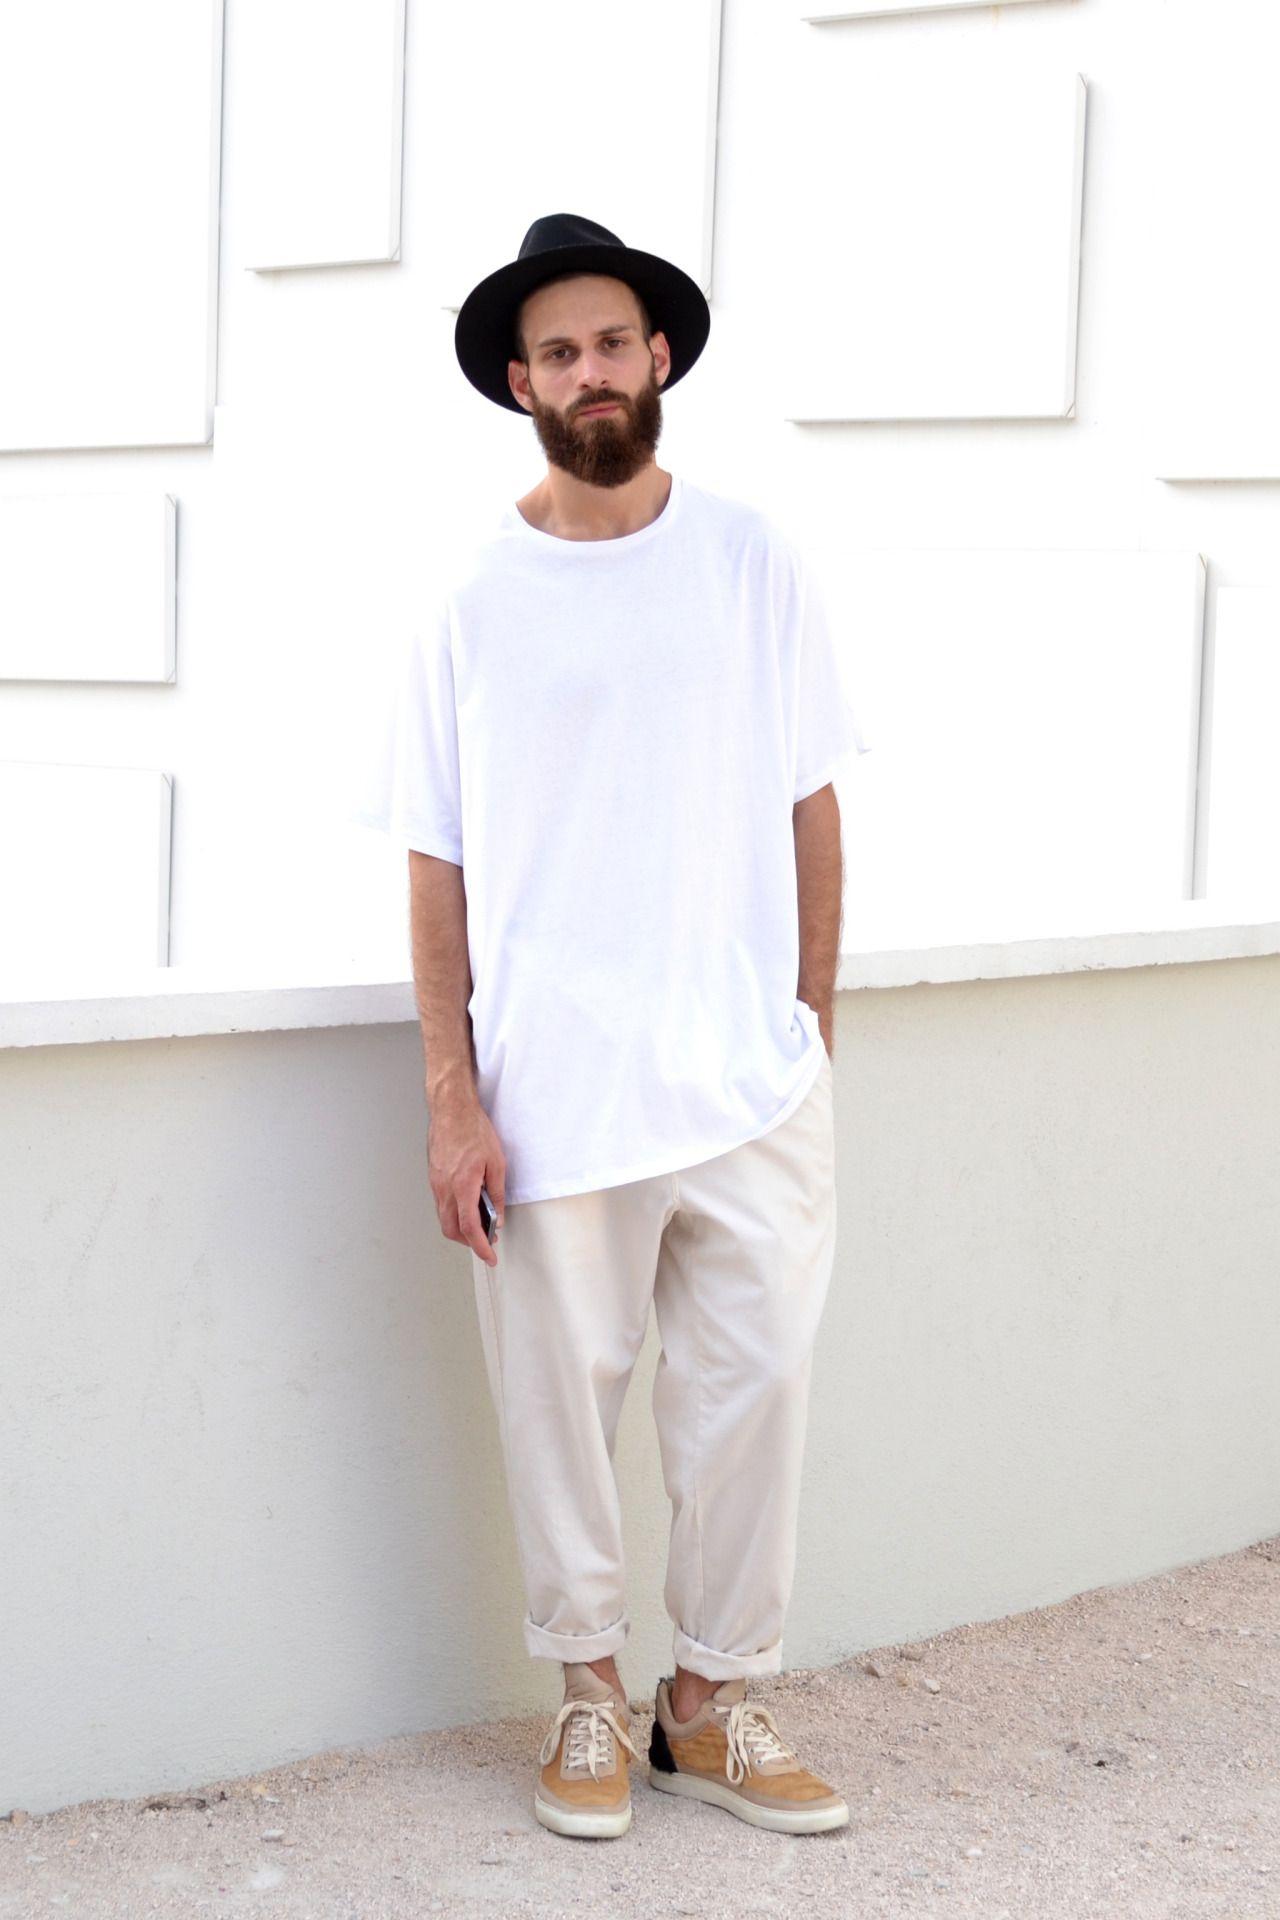 || Follow @filetlondon for more street wear #filetclothing